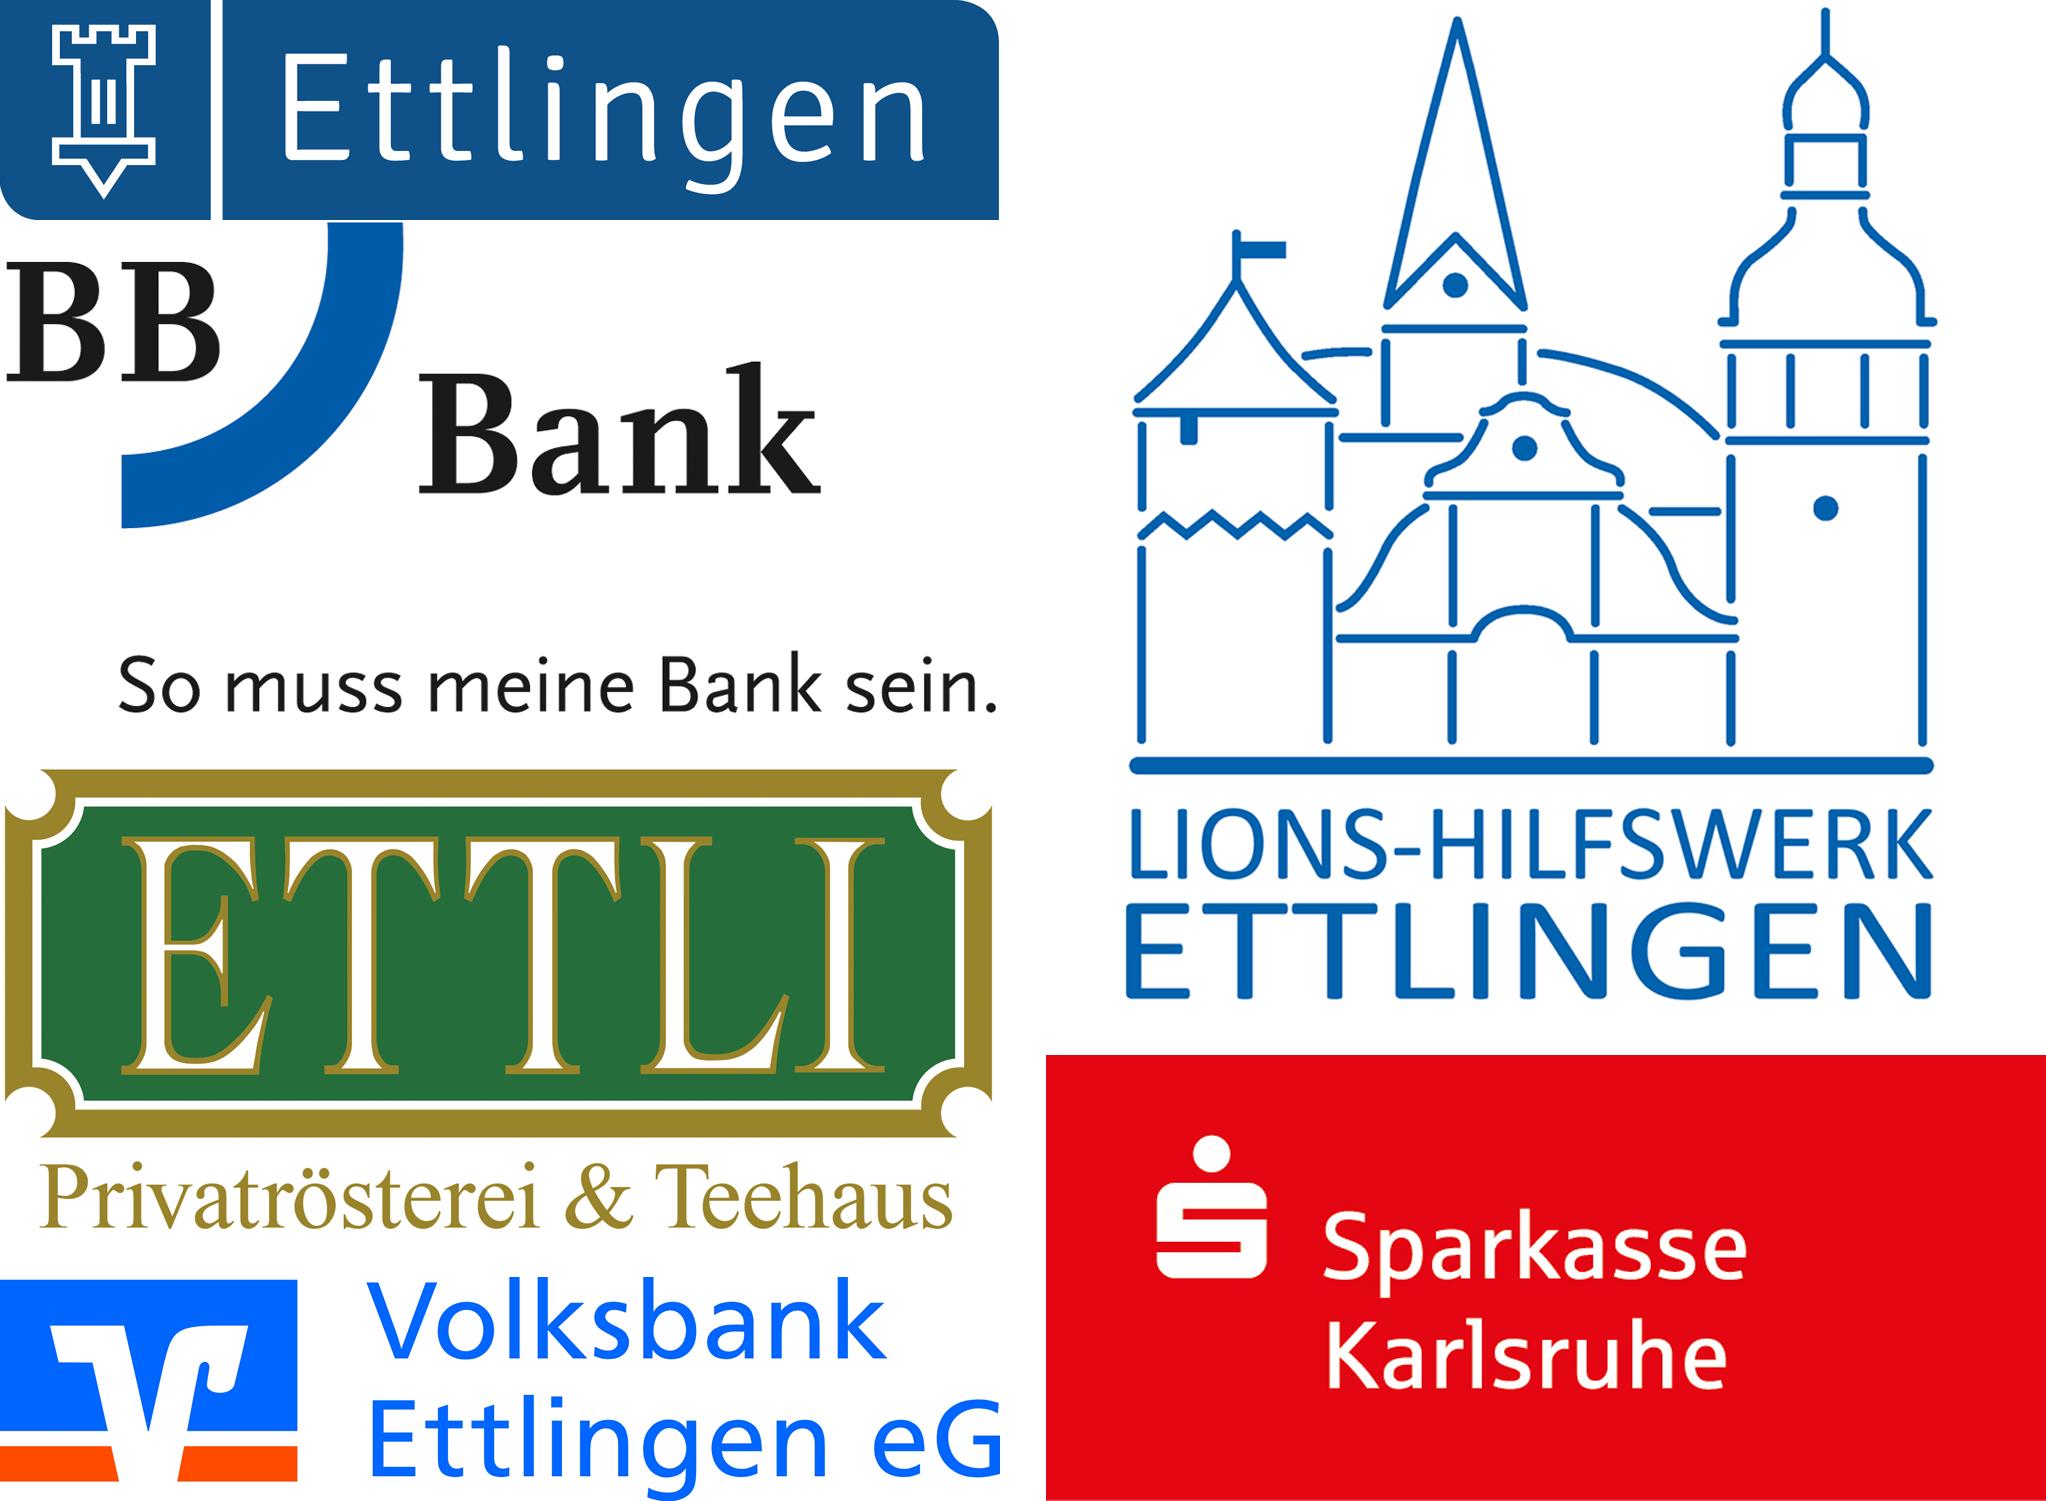 Logos Stadt Ettlingen, Ettli Privatrösterei, Volksbank Ettlingen, Lions-Hilfswerk Ettlingen, Sparkasse Karlsruhe